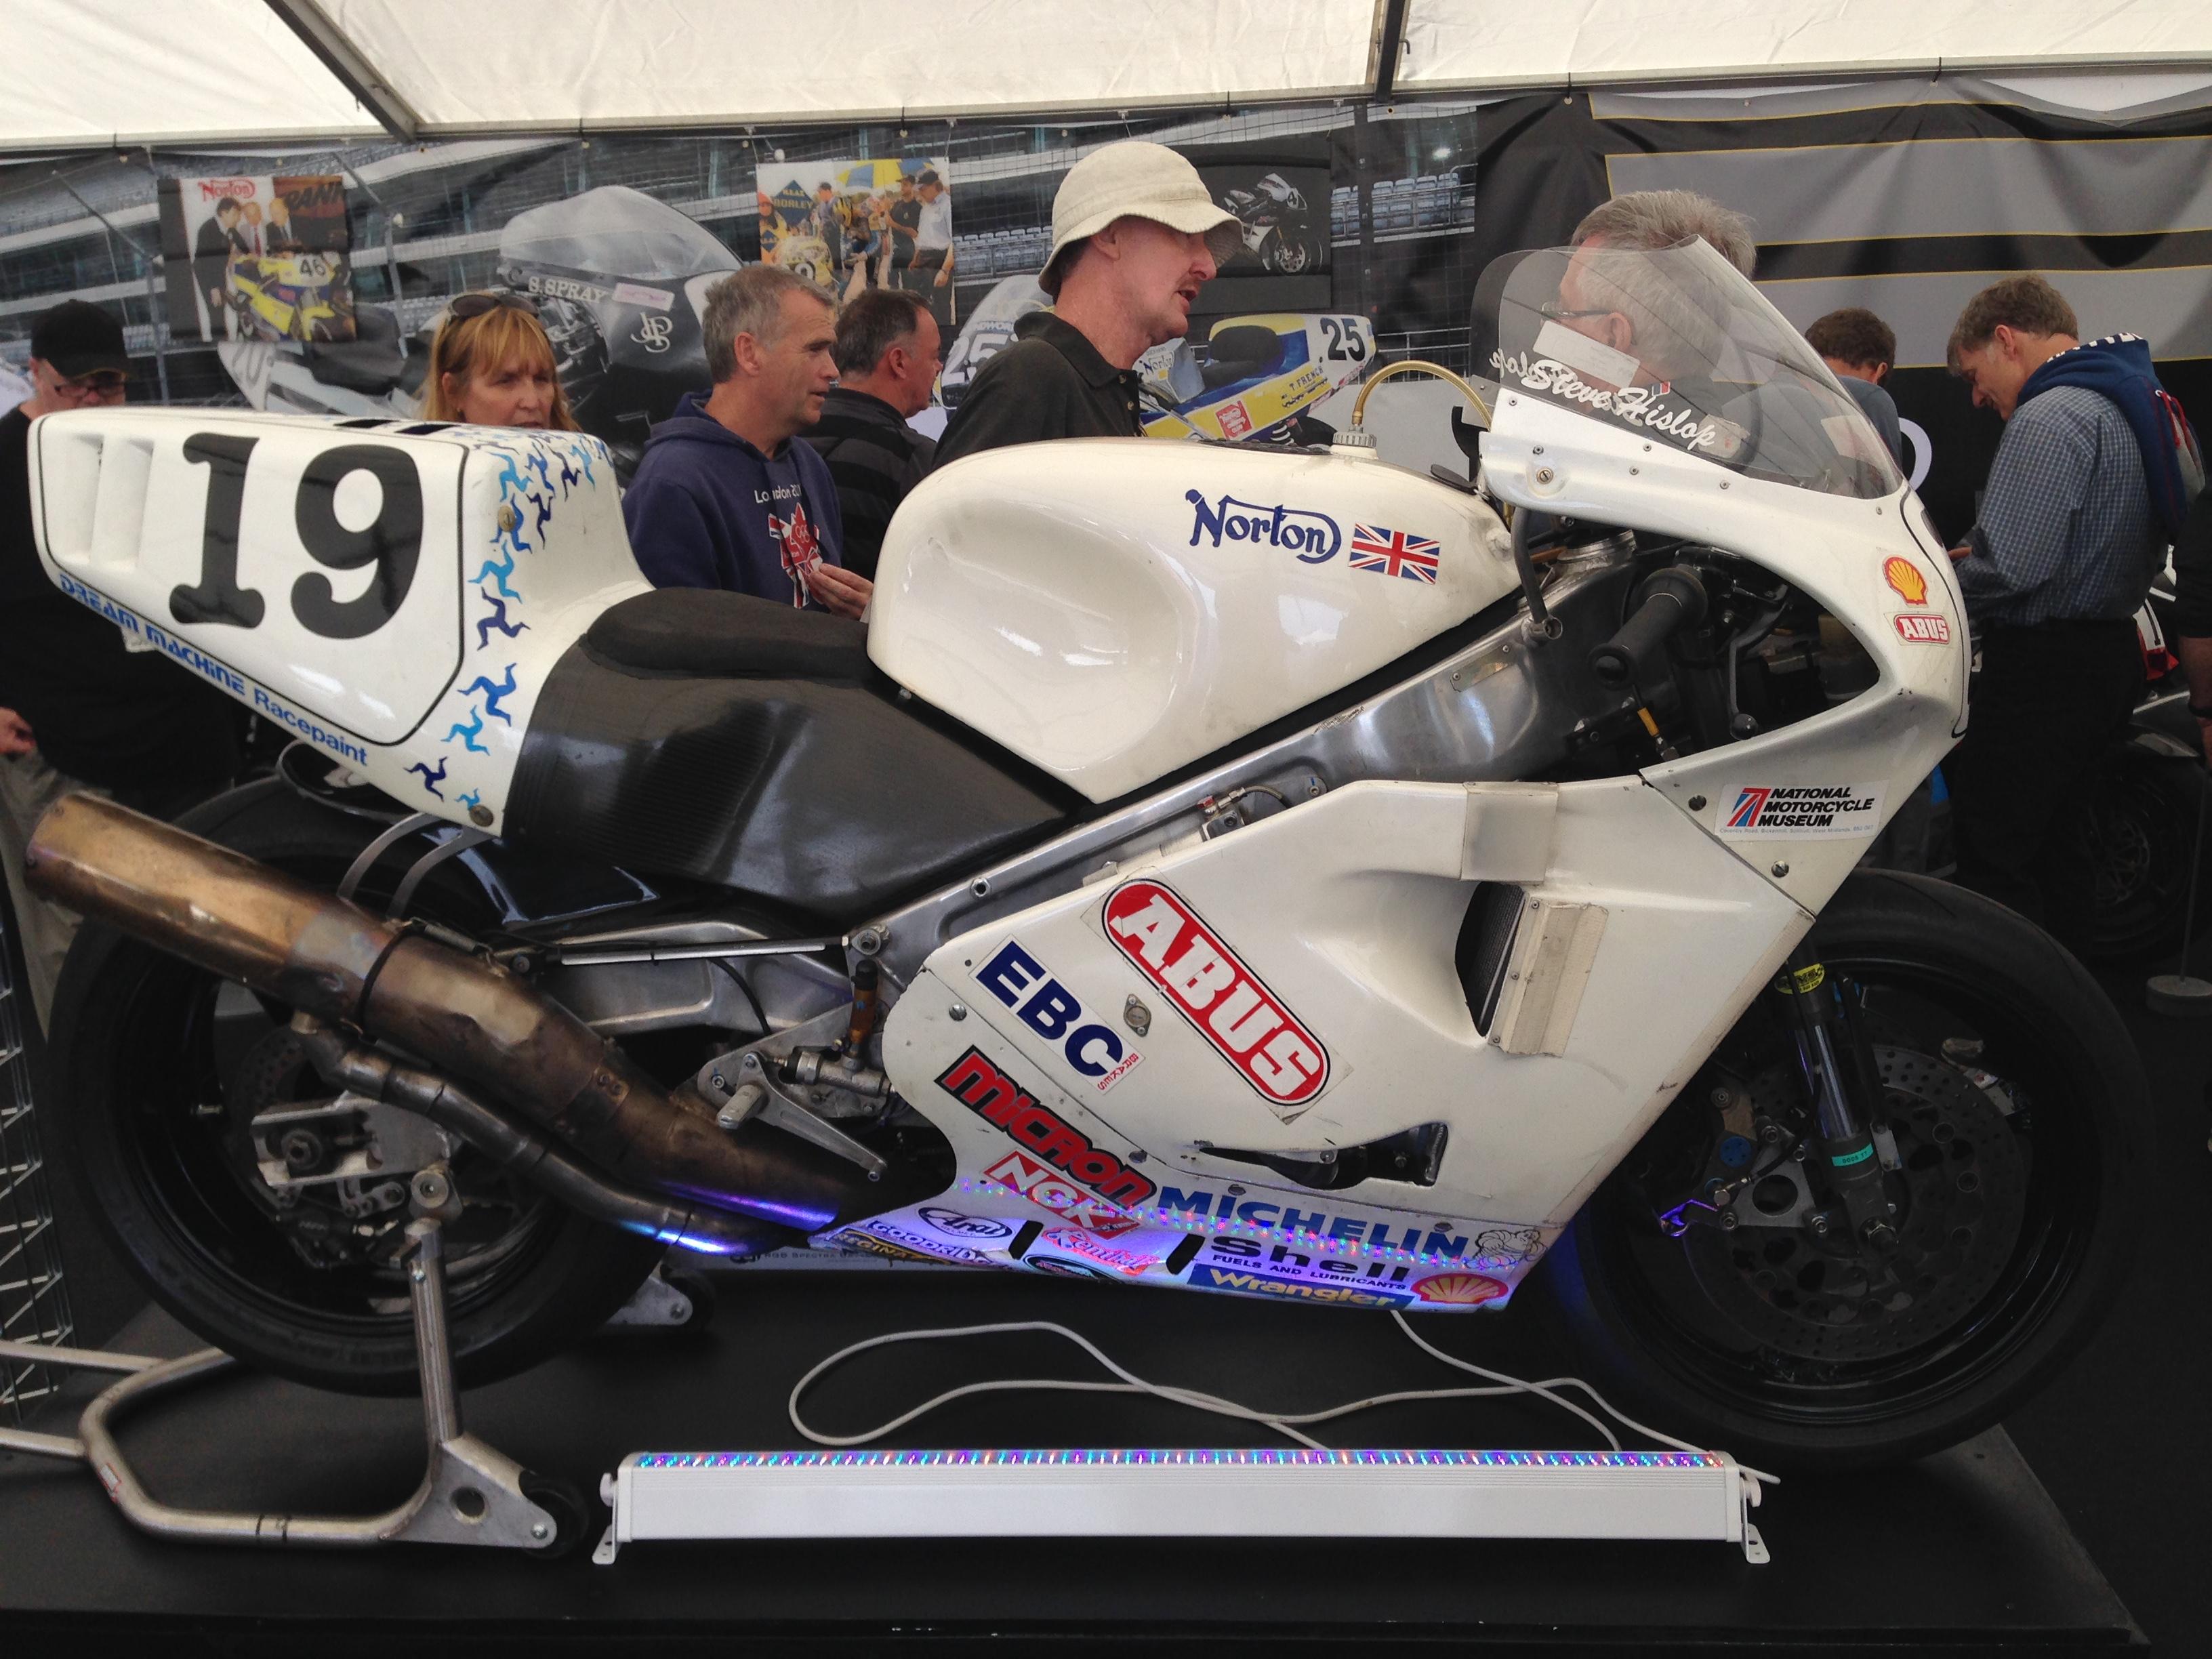 TT Winning Norton